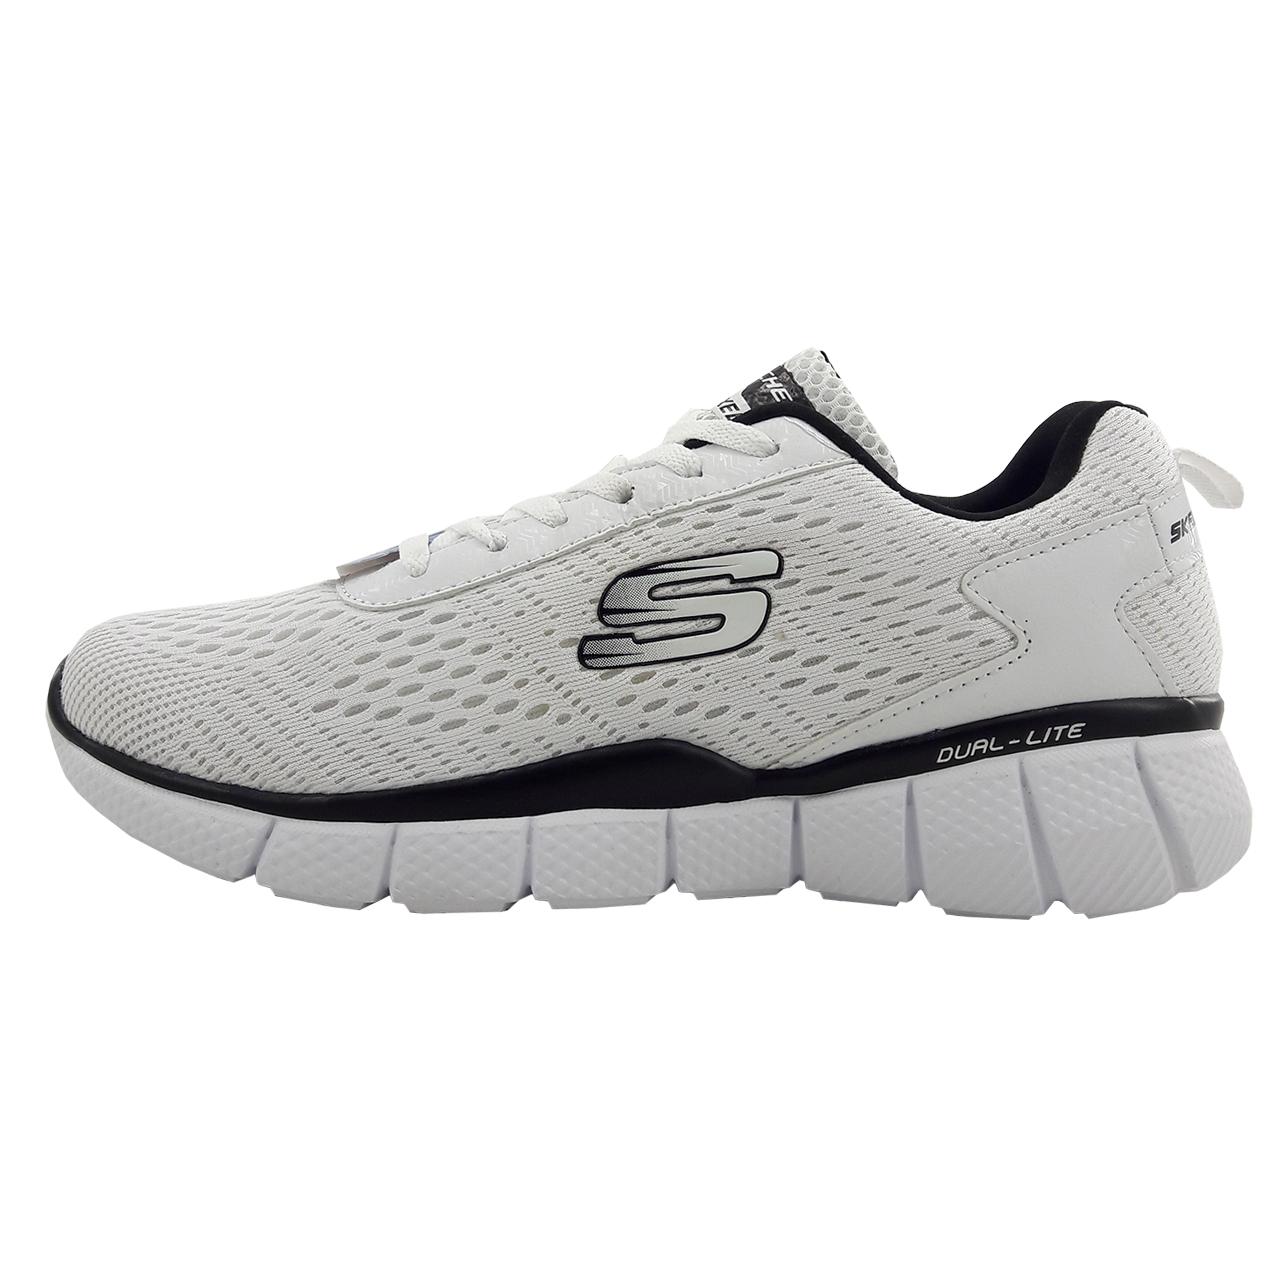 کفش مخصوص پیاده روی زنانه اسکچرز مدل Dual